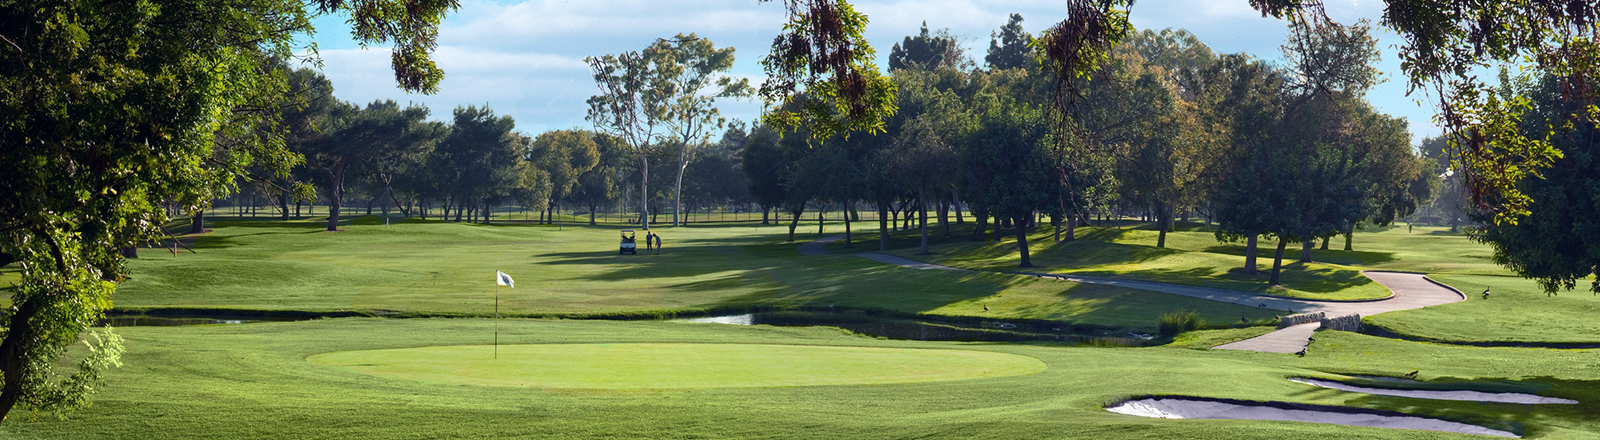 El Dorado Park Golf Course 2400 N Studebaker Road Long Beach Ca 90815